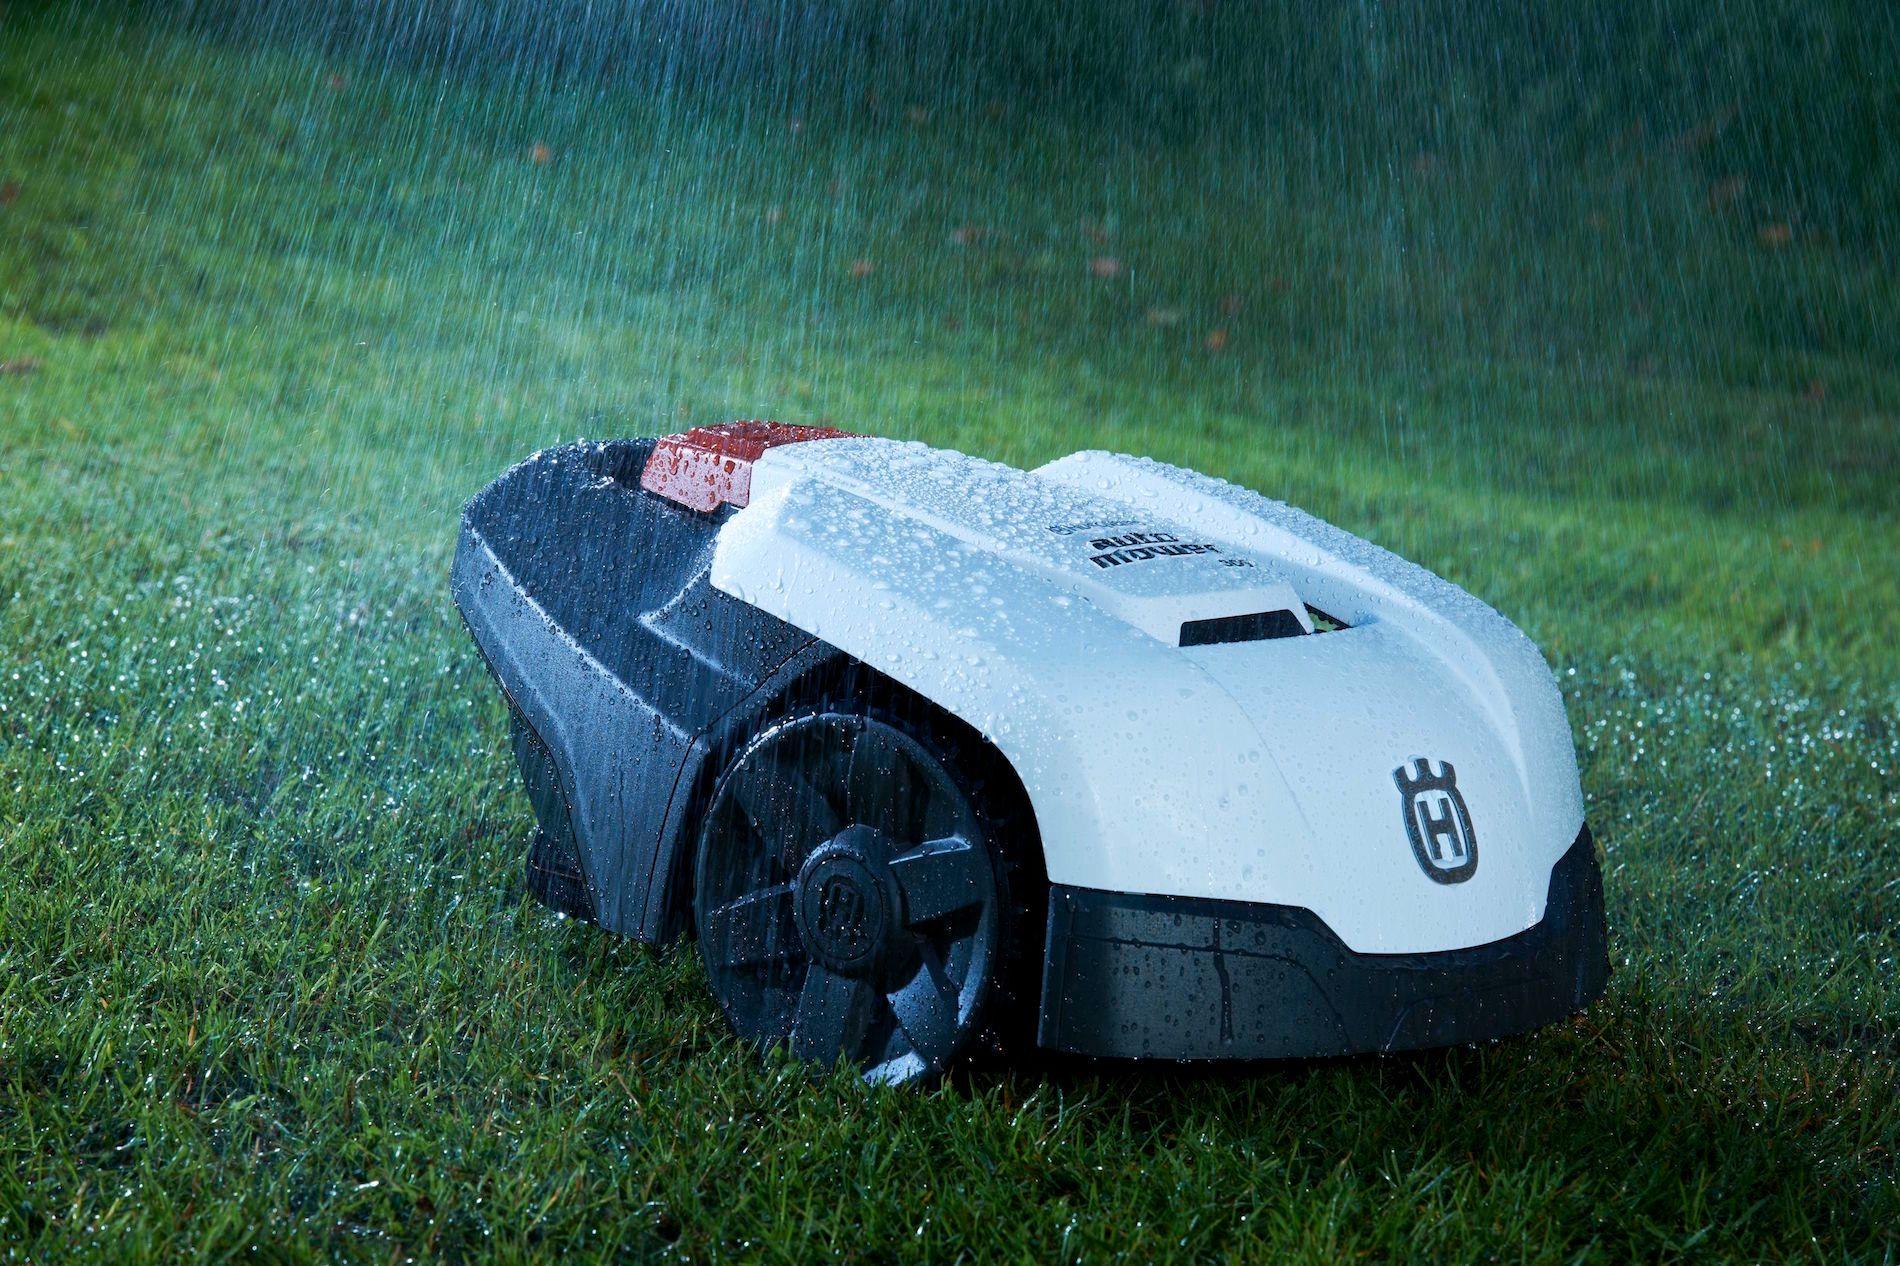 De fleste maskinene tåler et regnskyll, men liker oftest dårlig å bli spylet på undersiden.